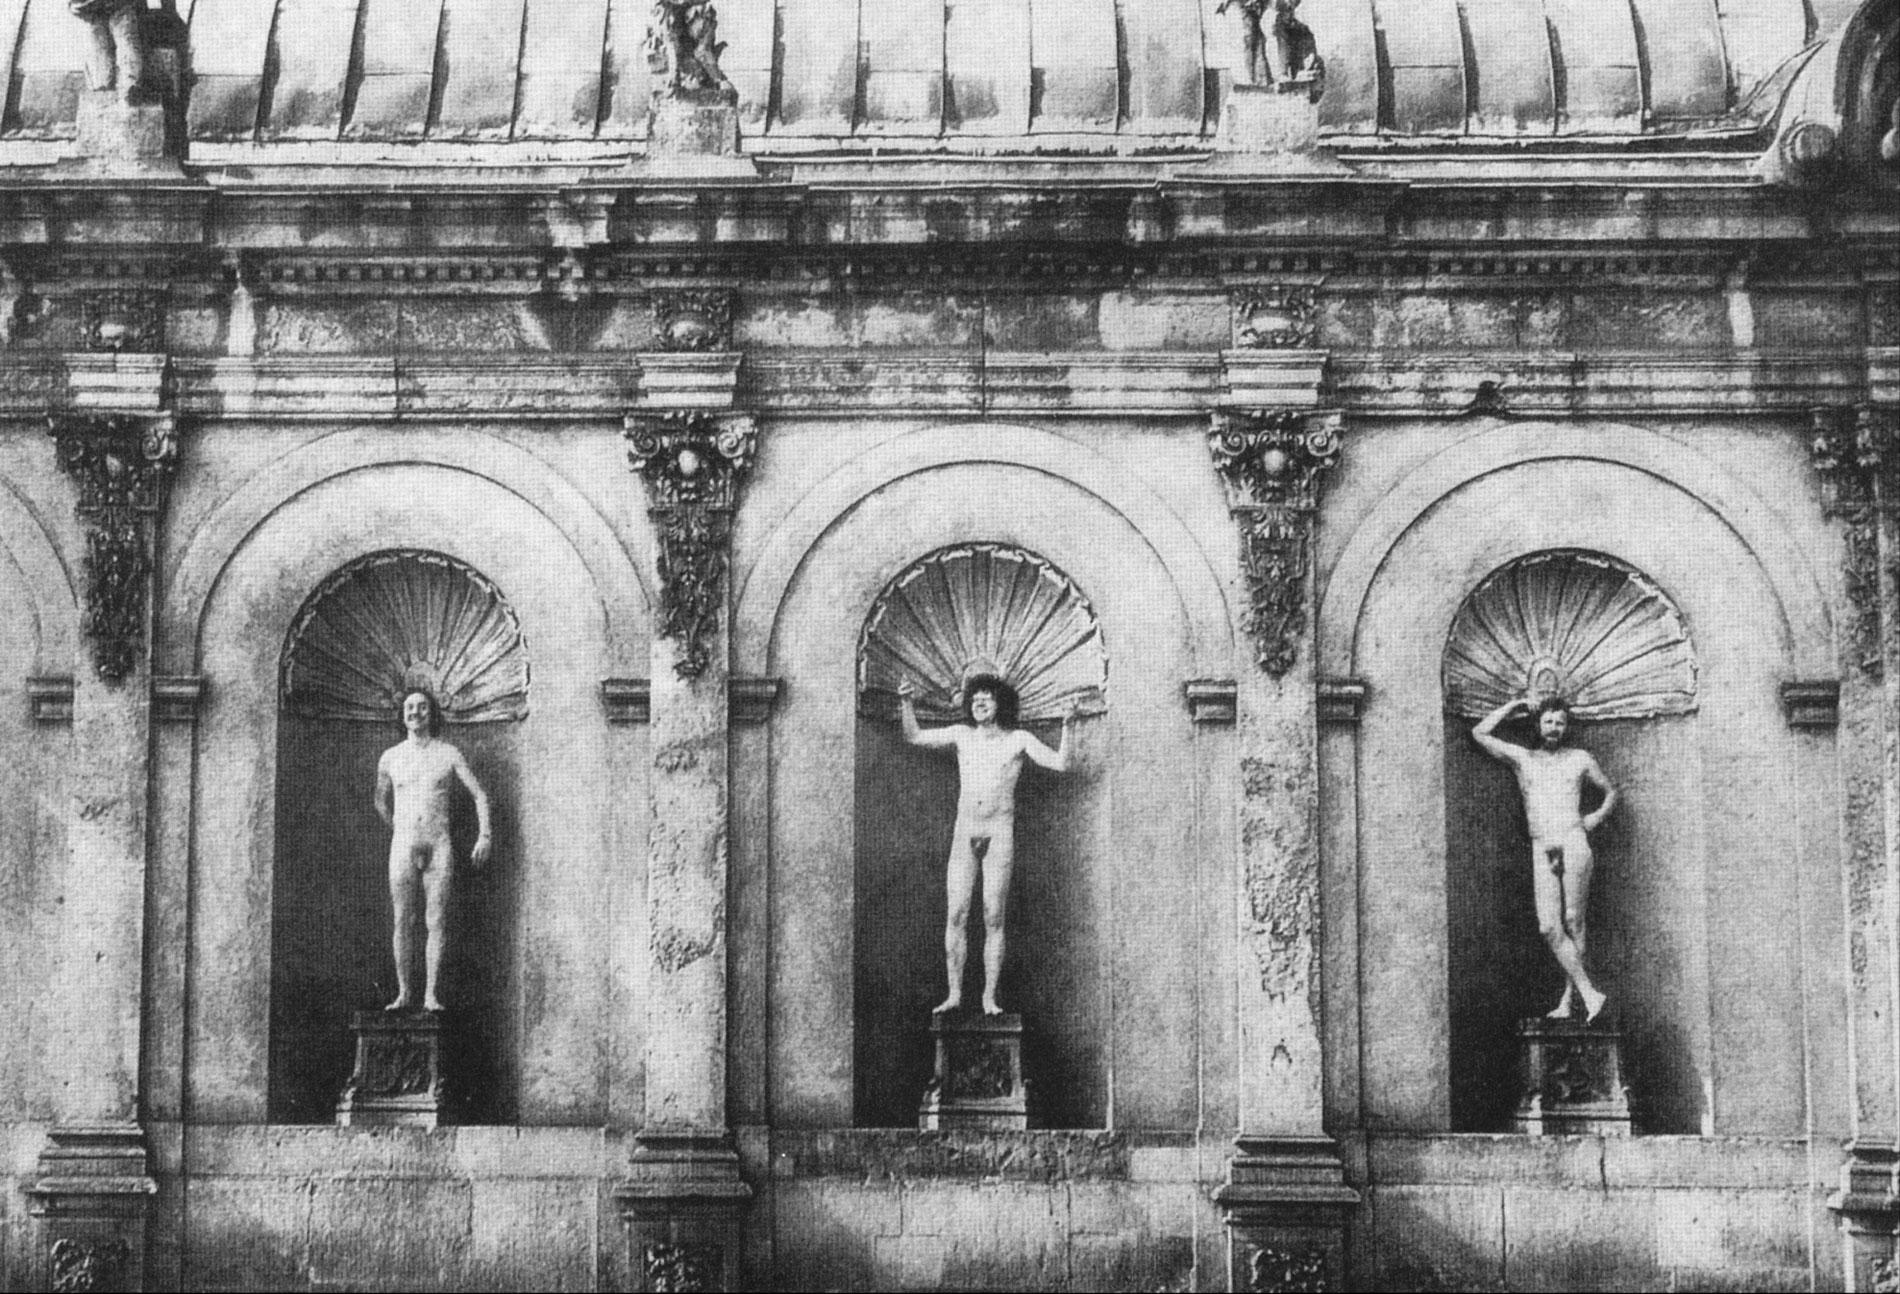 Ein Happening der Chemnitzer Künstlergruppe Clara Mosch: Sonntagnachmittag im Zwinger Dresden, 1977, Fotografie von Ralf-Rainer Wasse